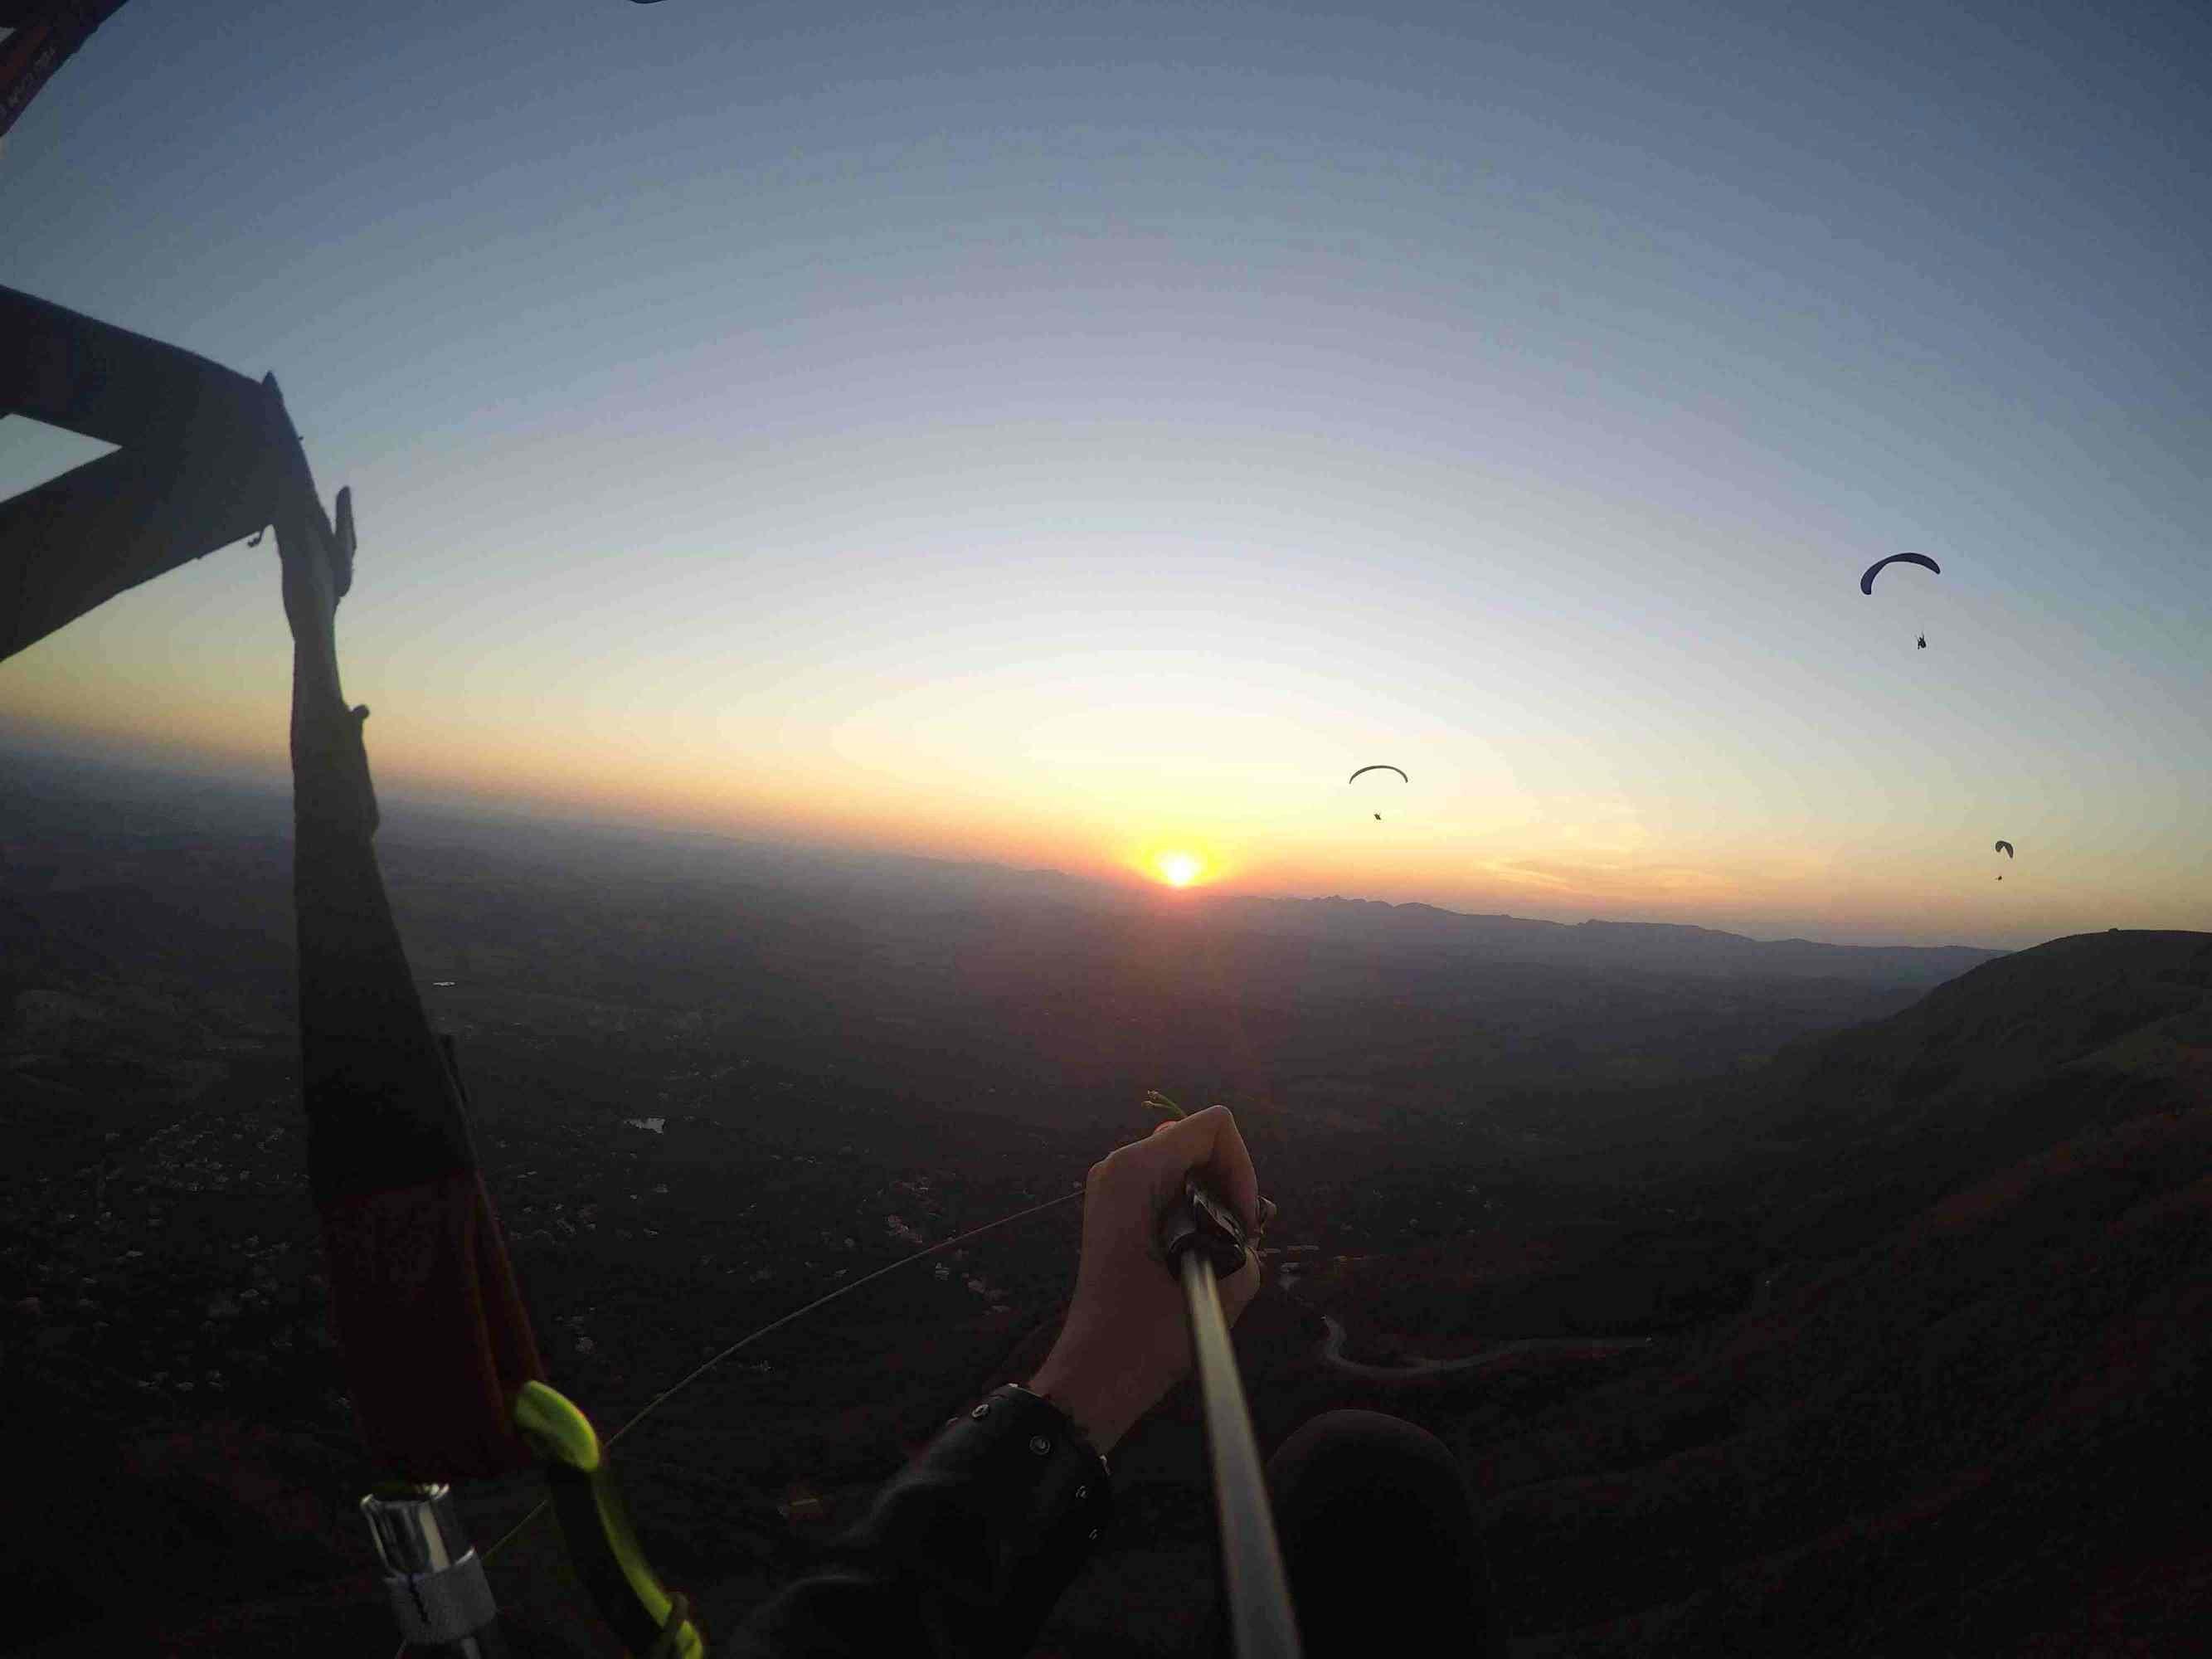 Pular de paraglider